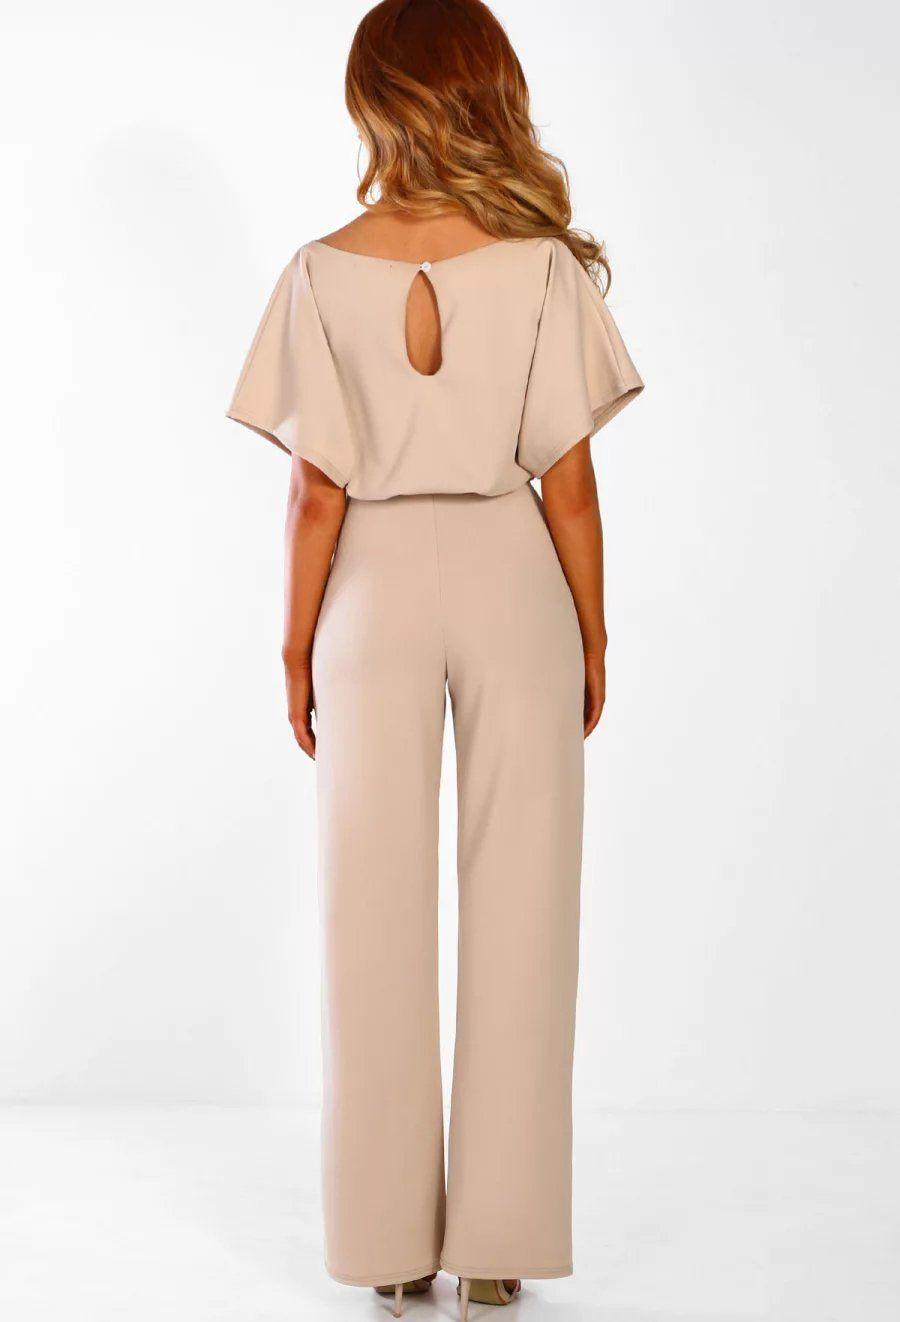 73d2bd0955 Lace Up Short Sleeve High Waist Wide Leg Jumpsuit Lace Up Short ...